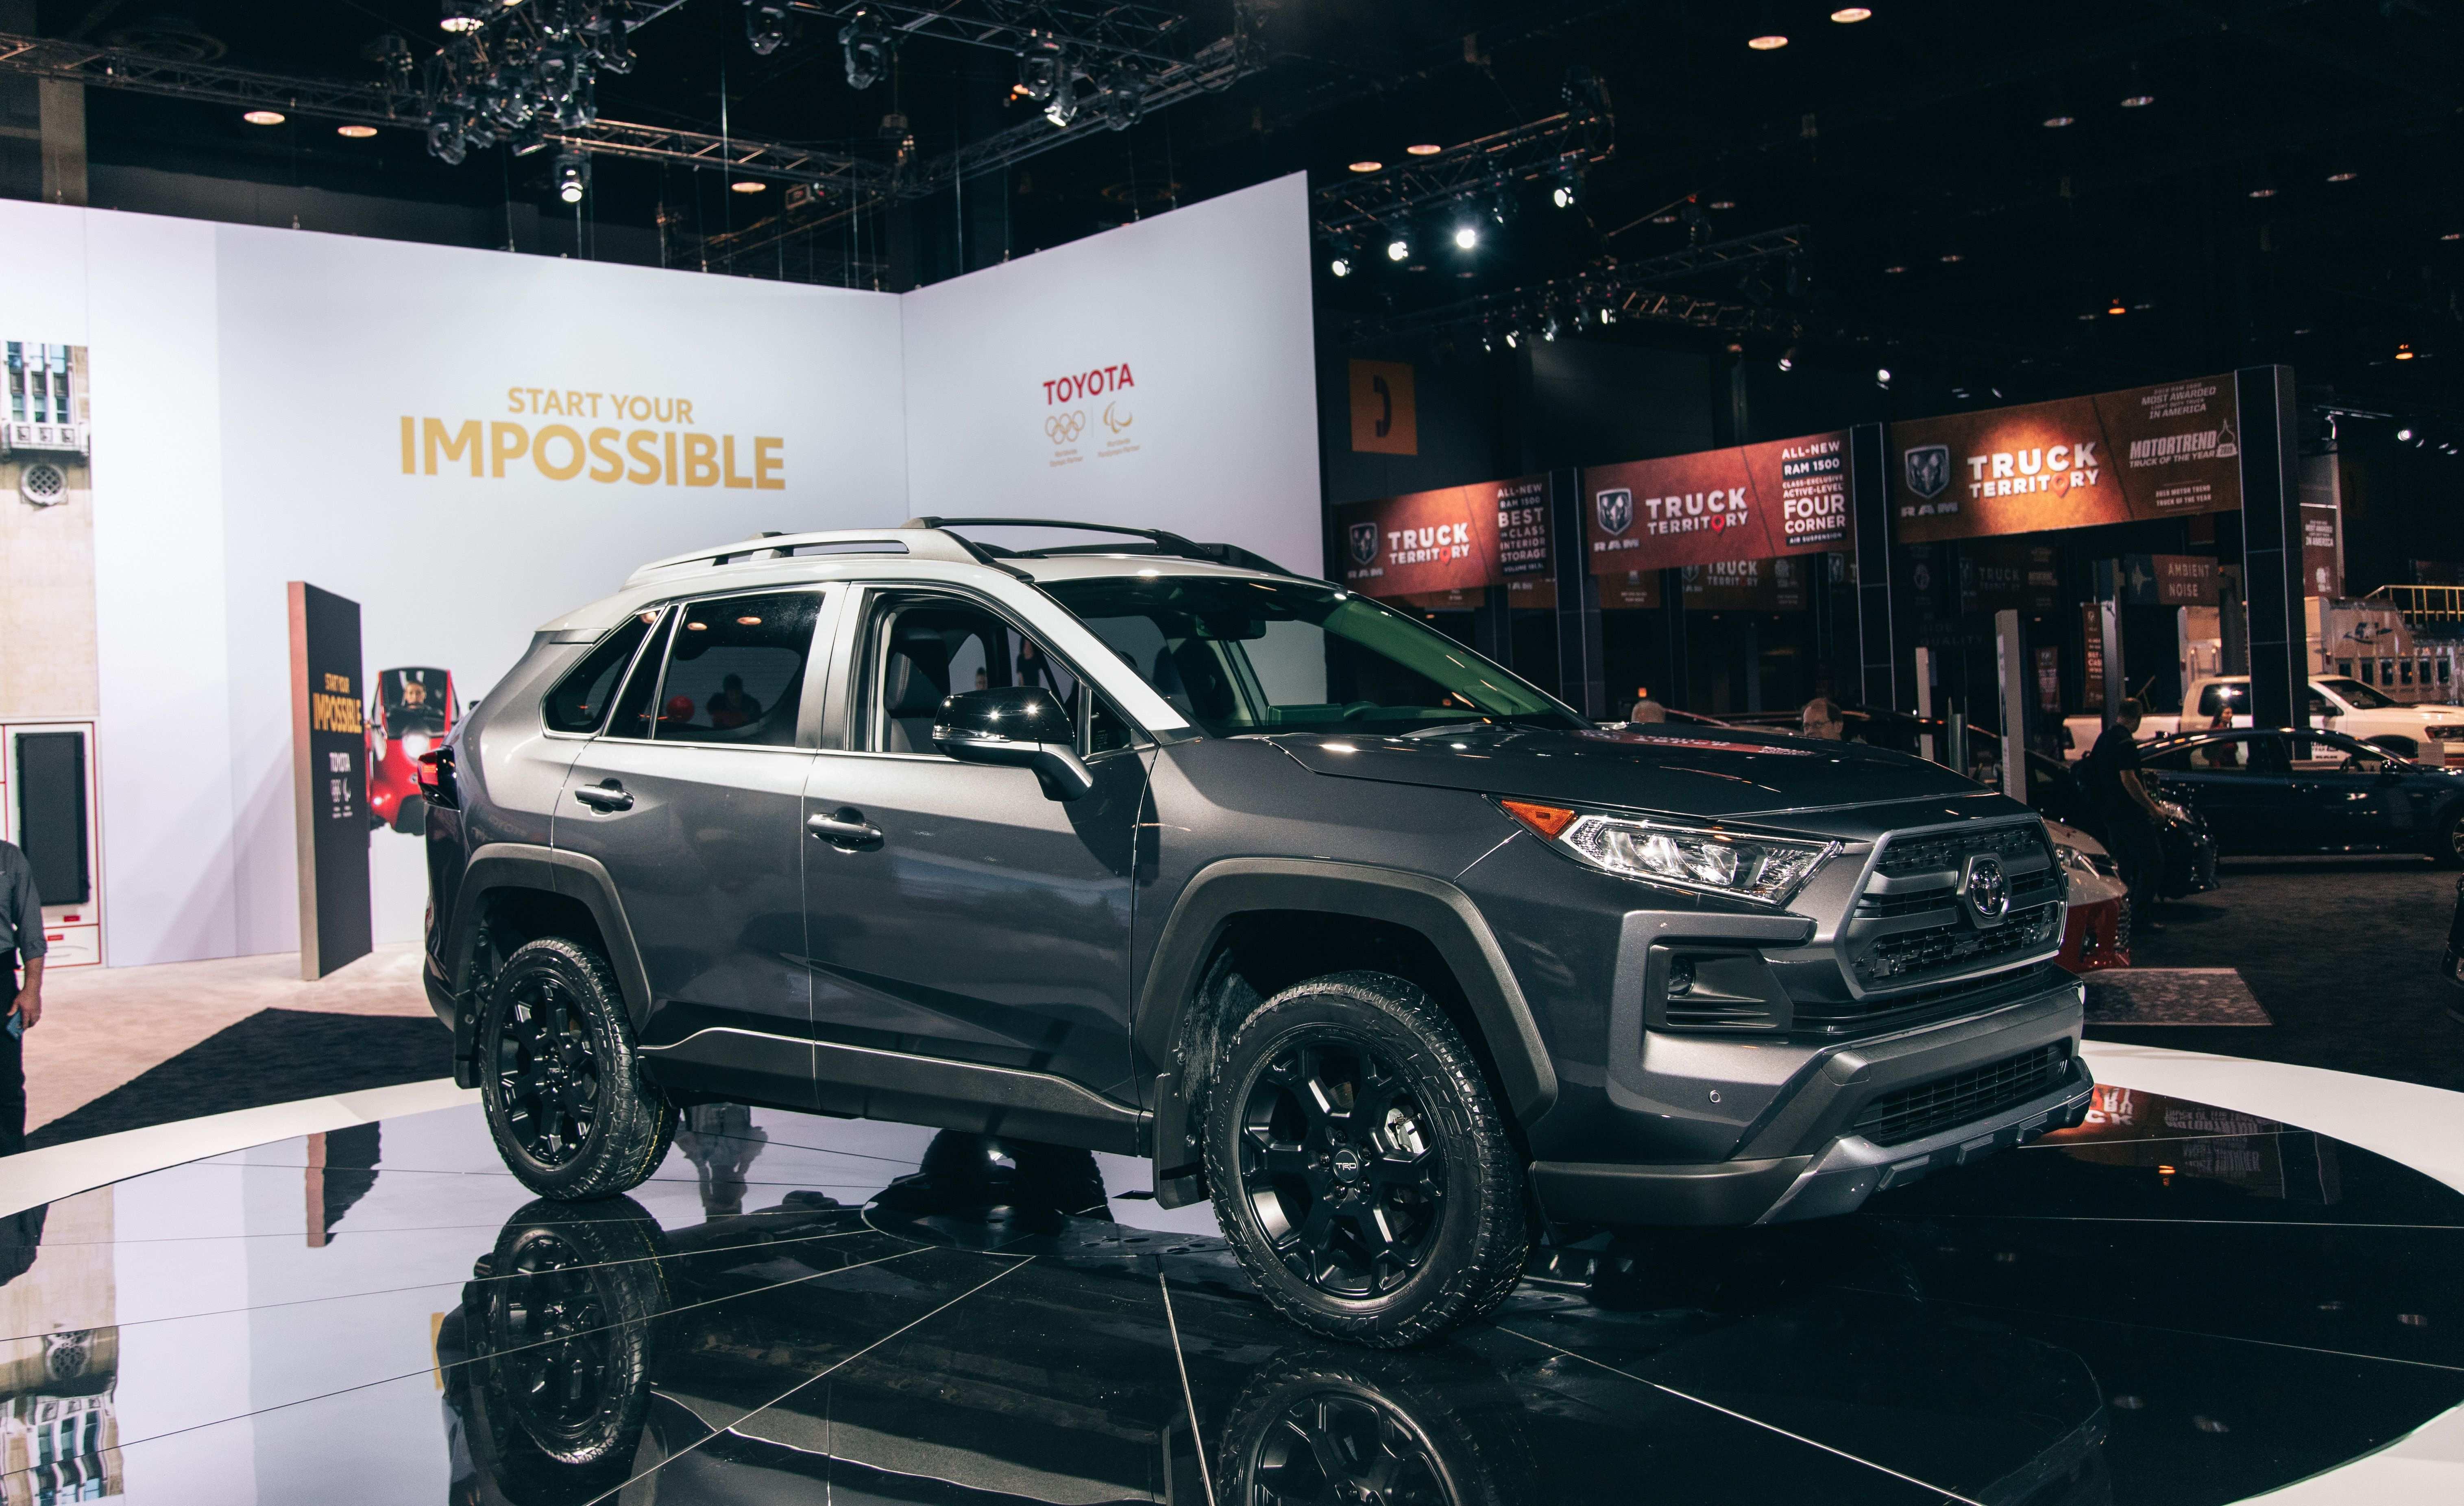 74 All New Toyota Rav4 2020 Interior Price by Toyota Rav4 2020 Interior